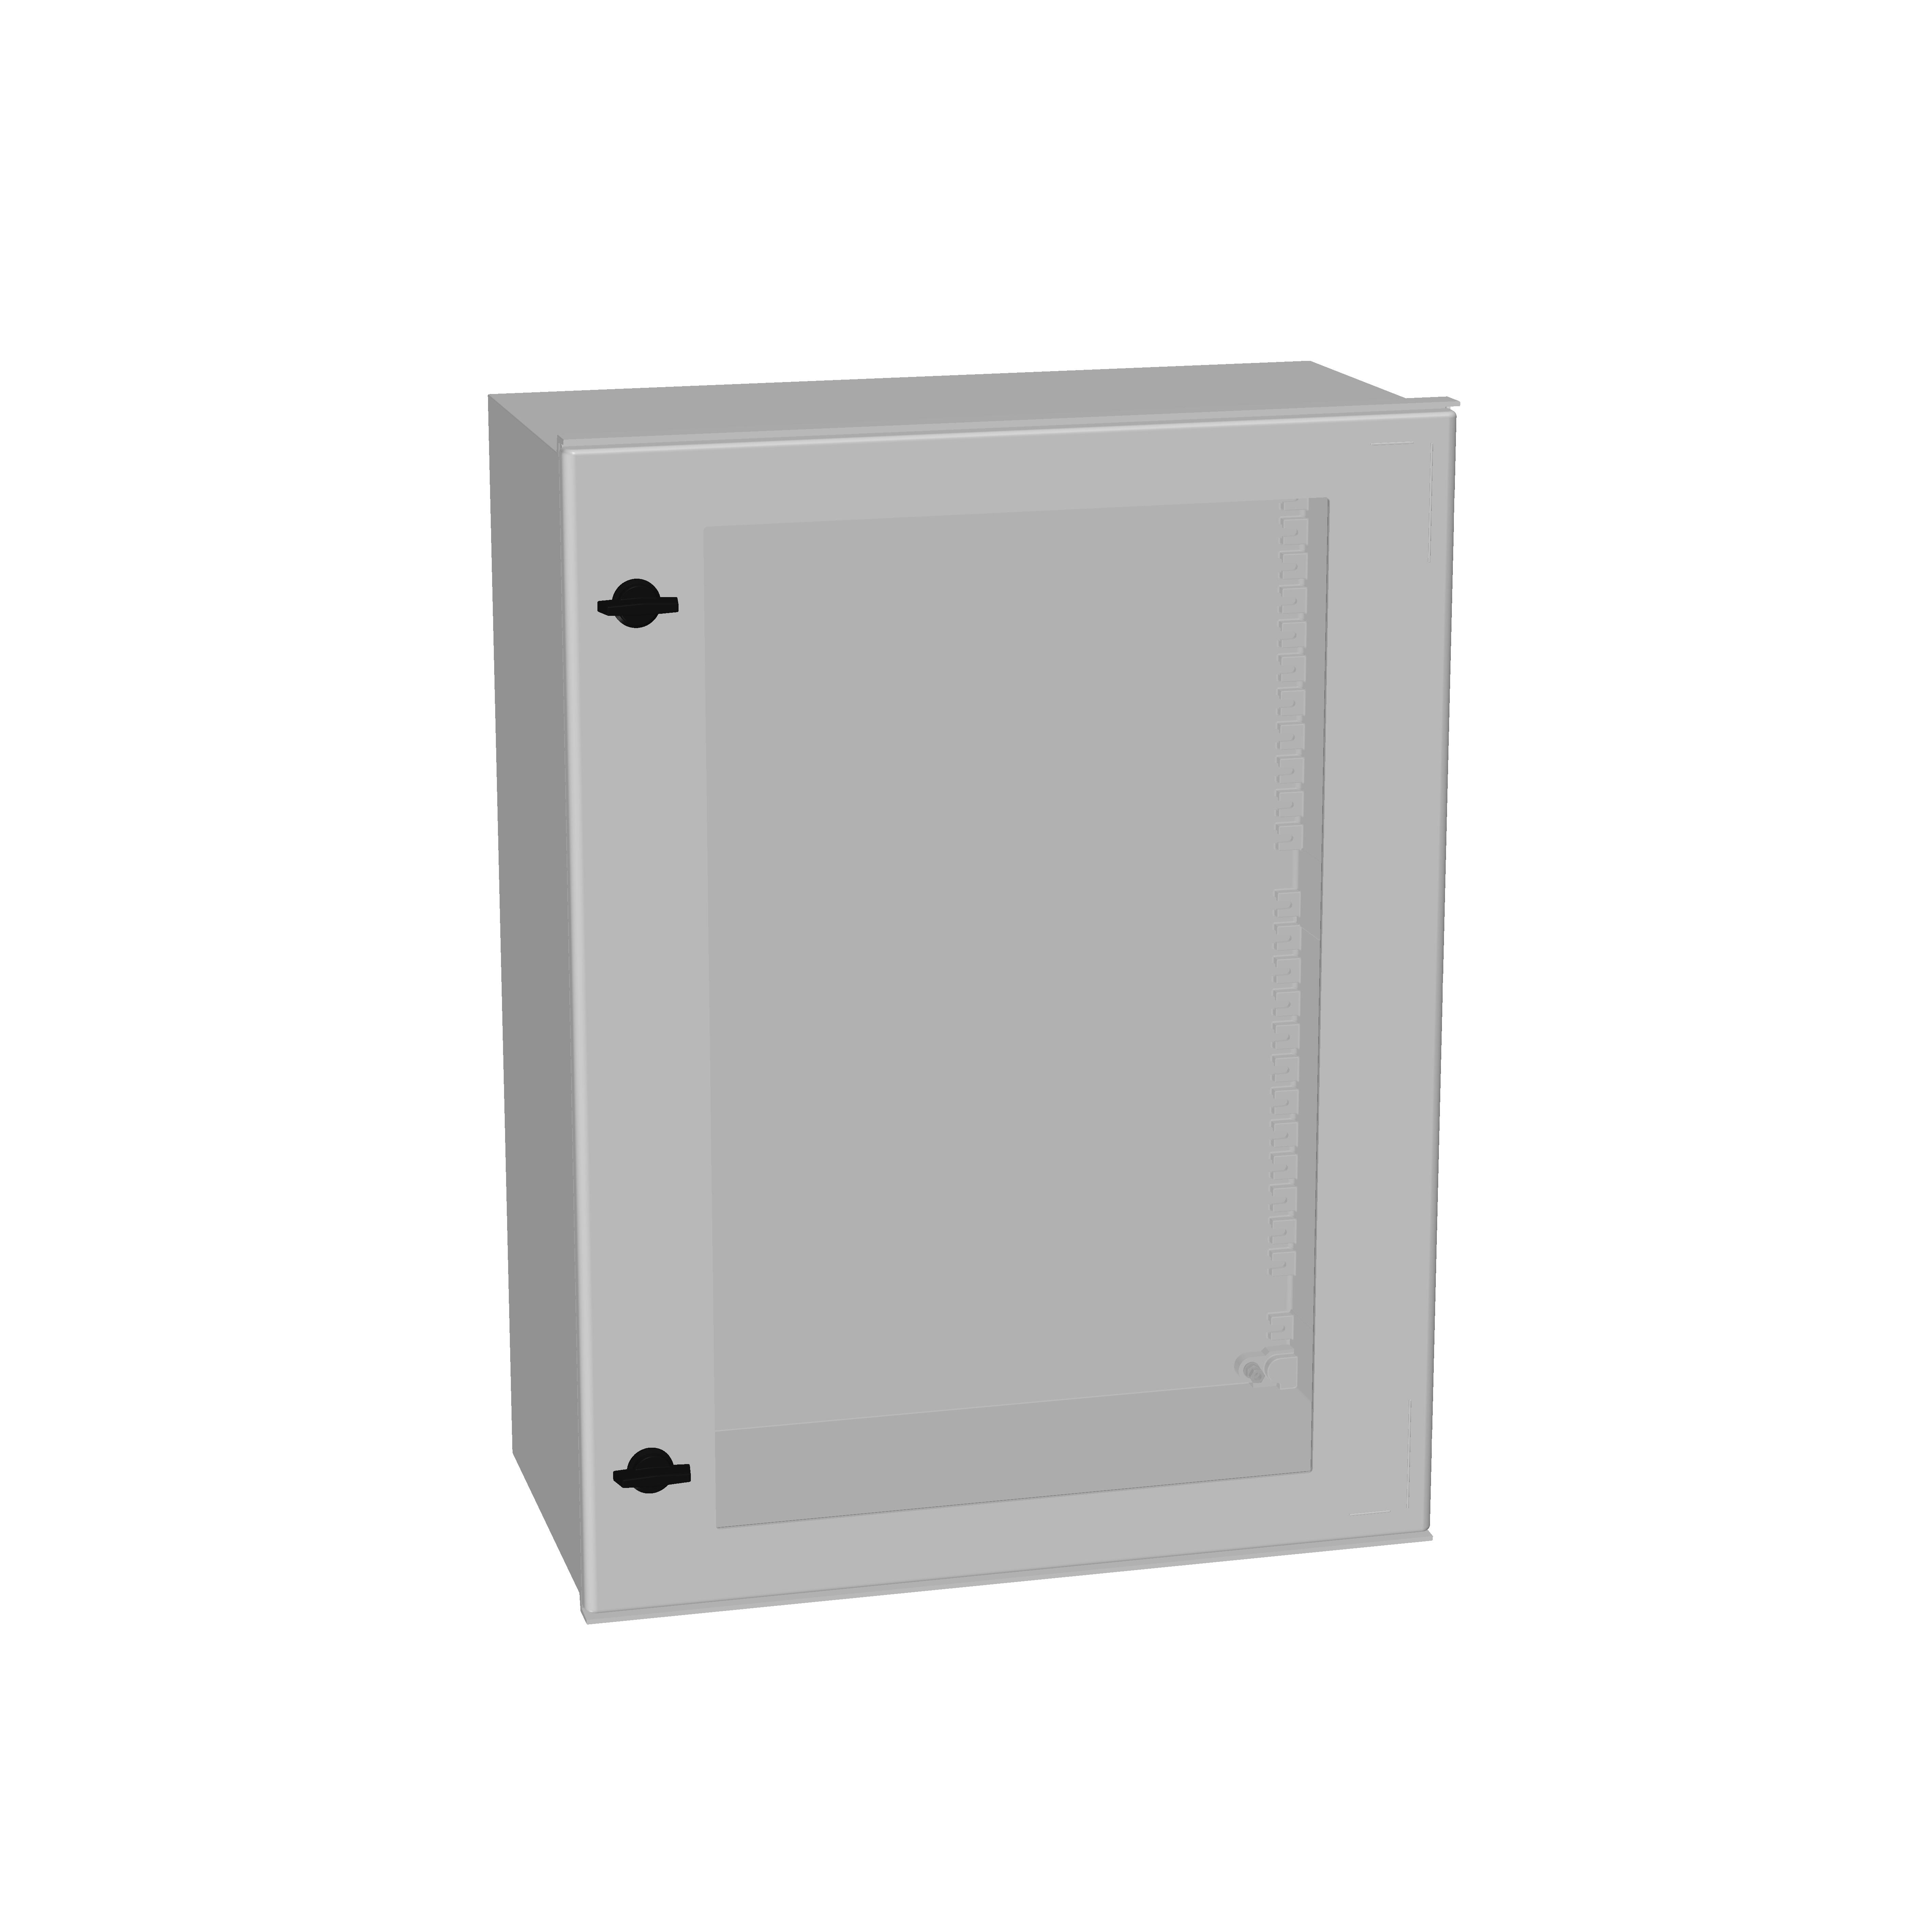 1 Stk Minipol-Wandschrank mit Sichtfenster 800x600x300mm IM008986--